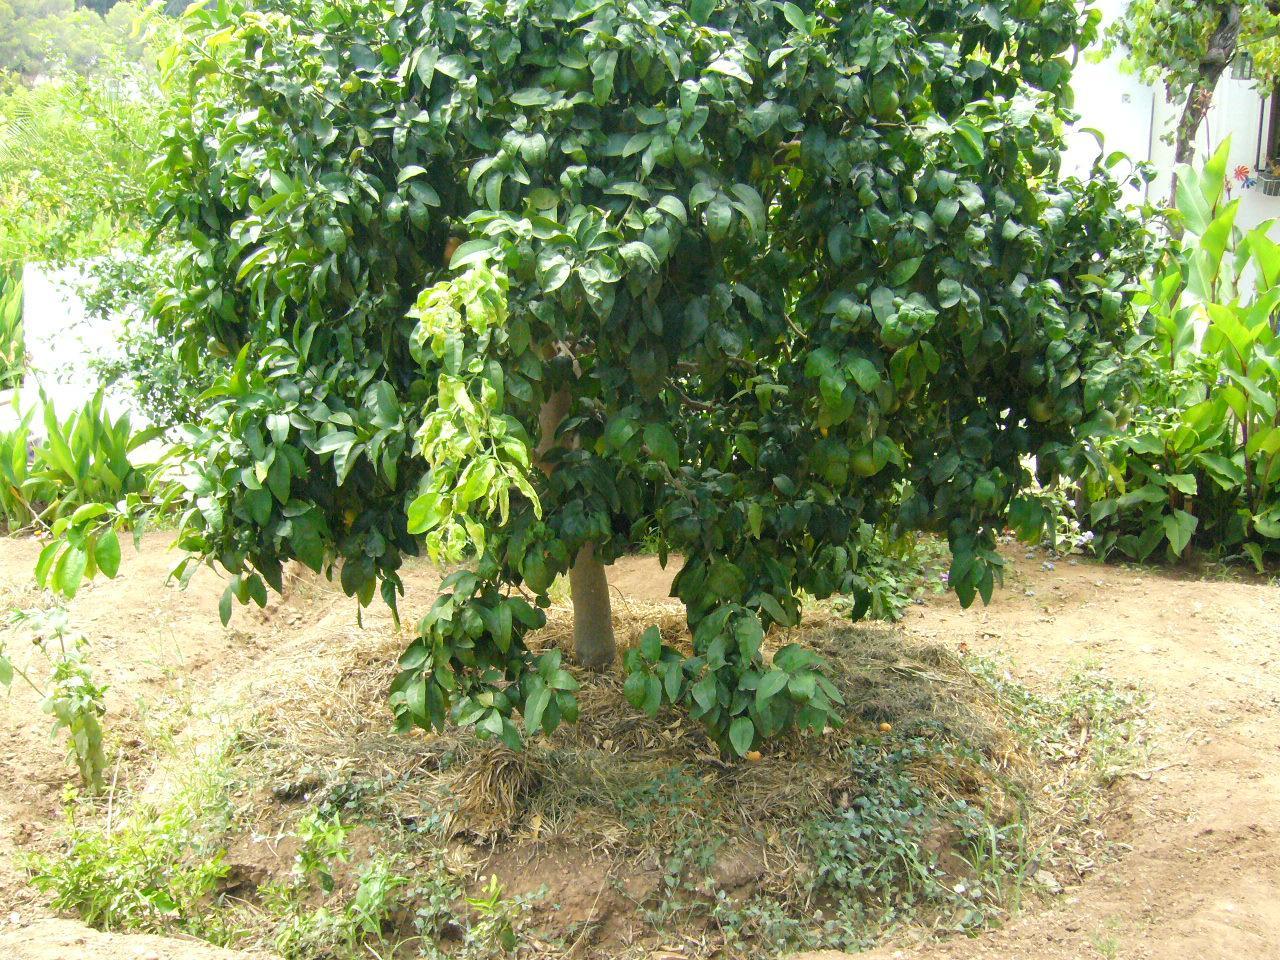 Jard n ecol gico natural y sencillo paperblog for Jardin y natura